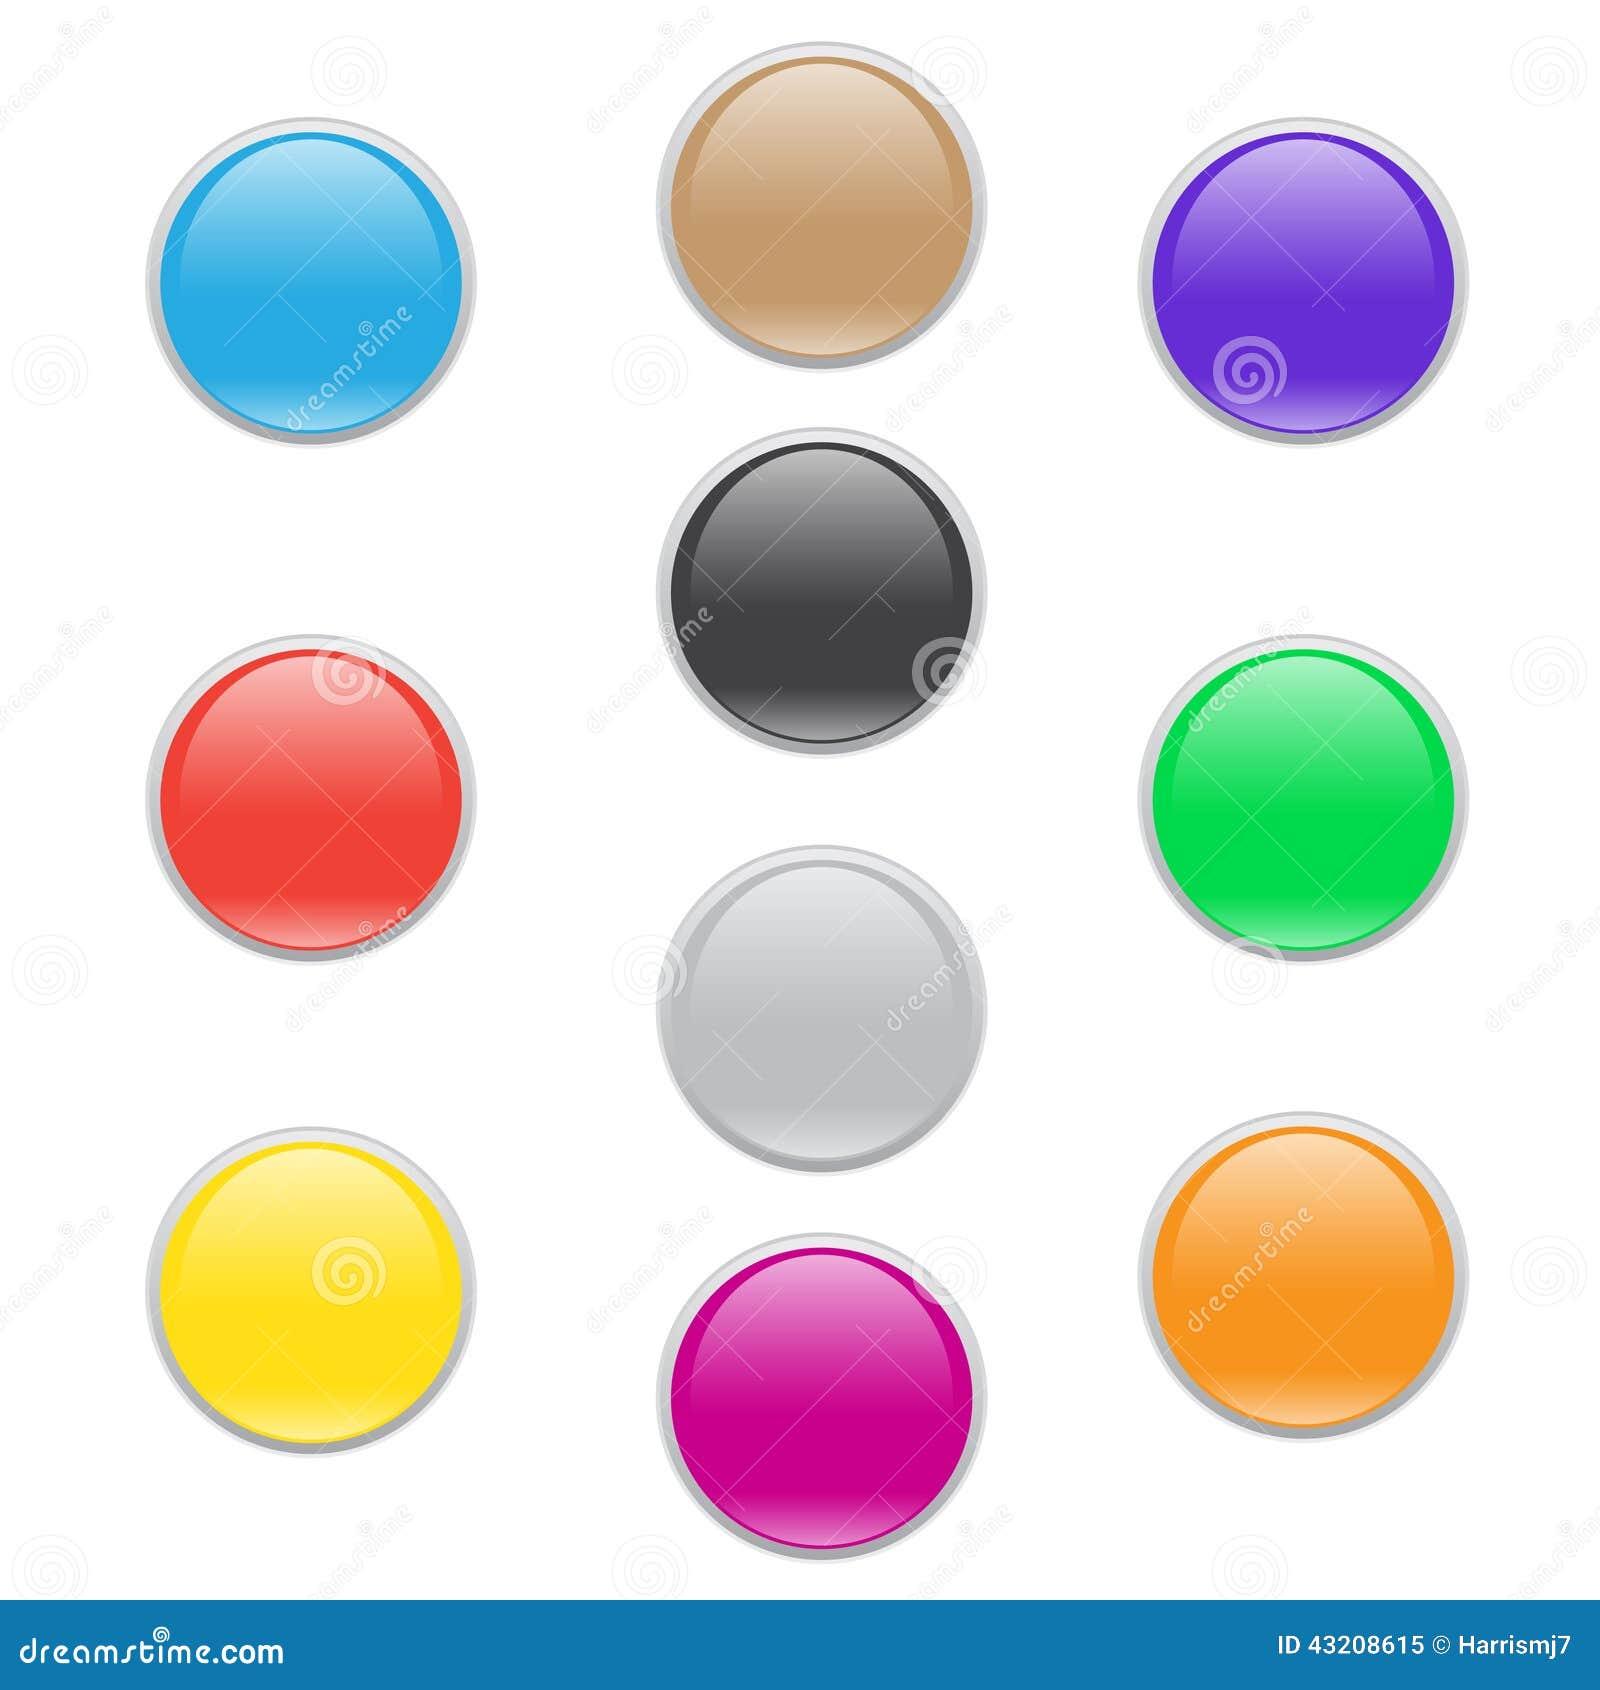 Download För Rengöringsduksymbol För Färgrik Cirkel Glass Uppsättning För Knapp Stock Illustrationer - Illustration av design, färgrikt: 43208615